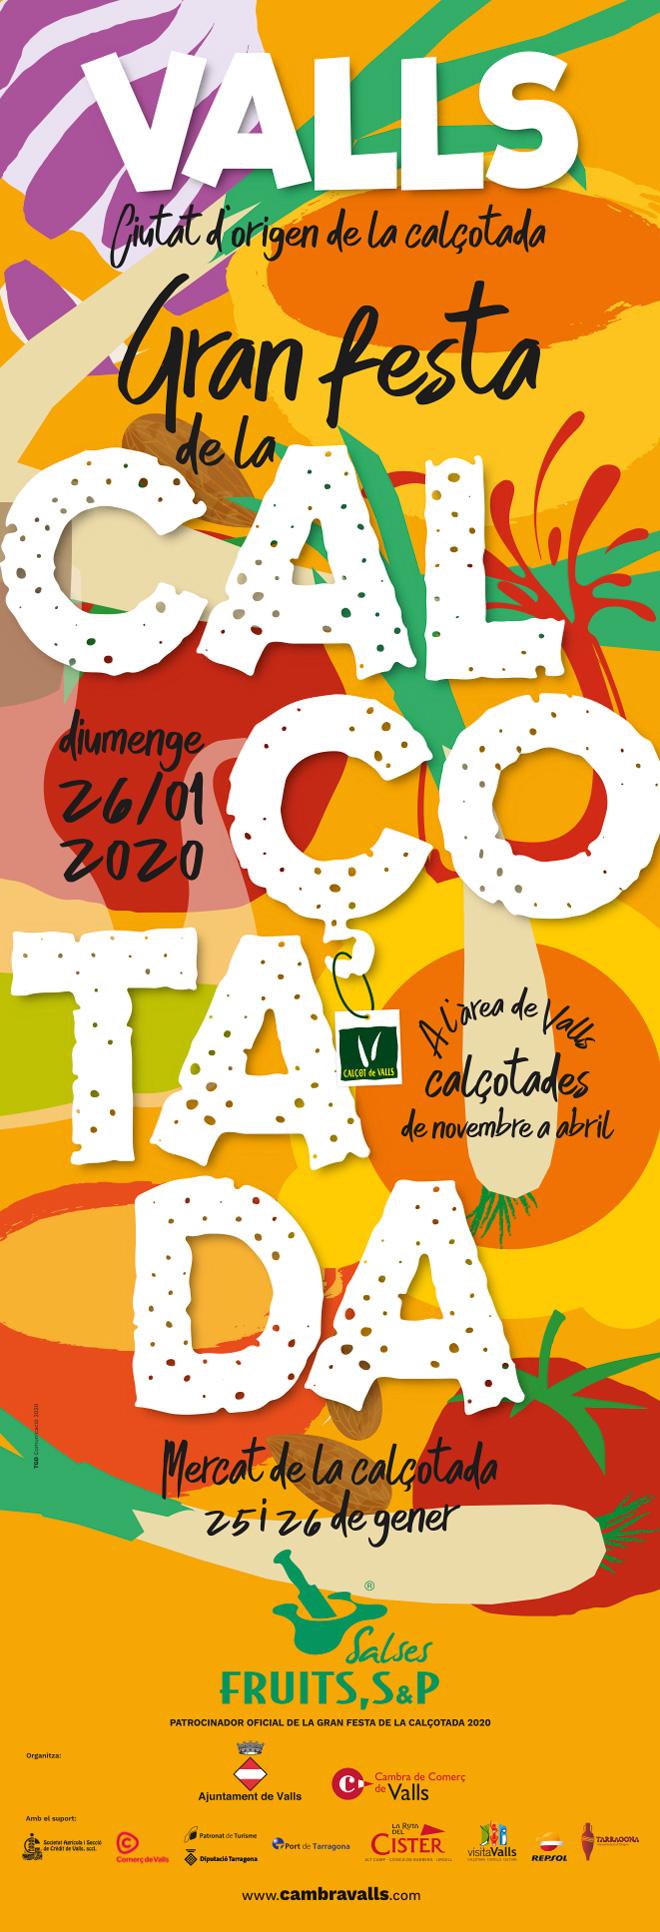 Cartell de la Gran Festa de la Calçotada de Valls 2020